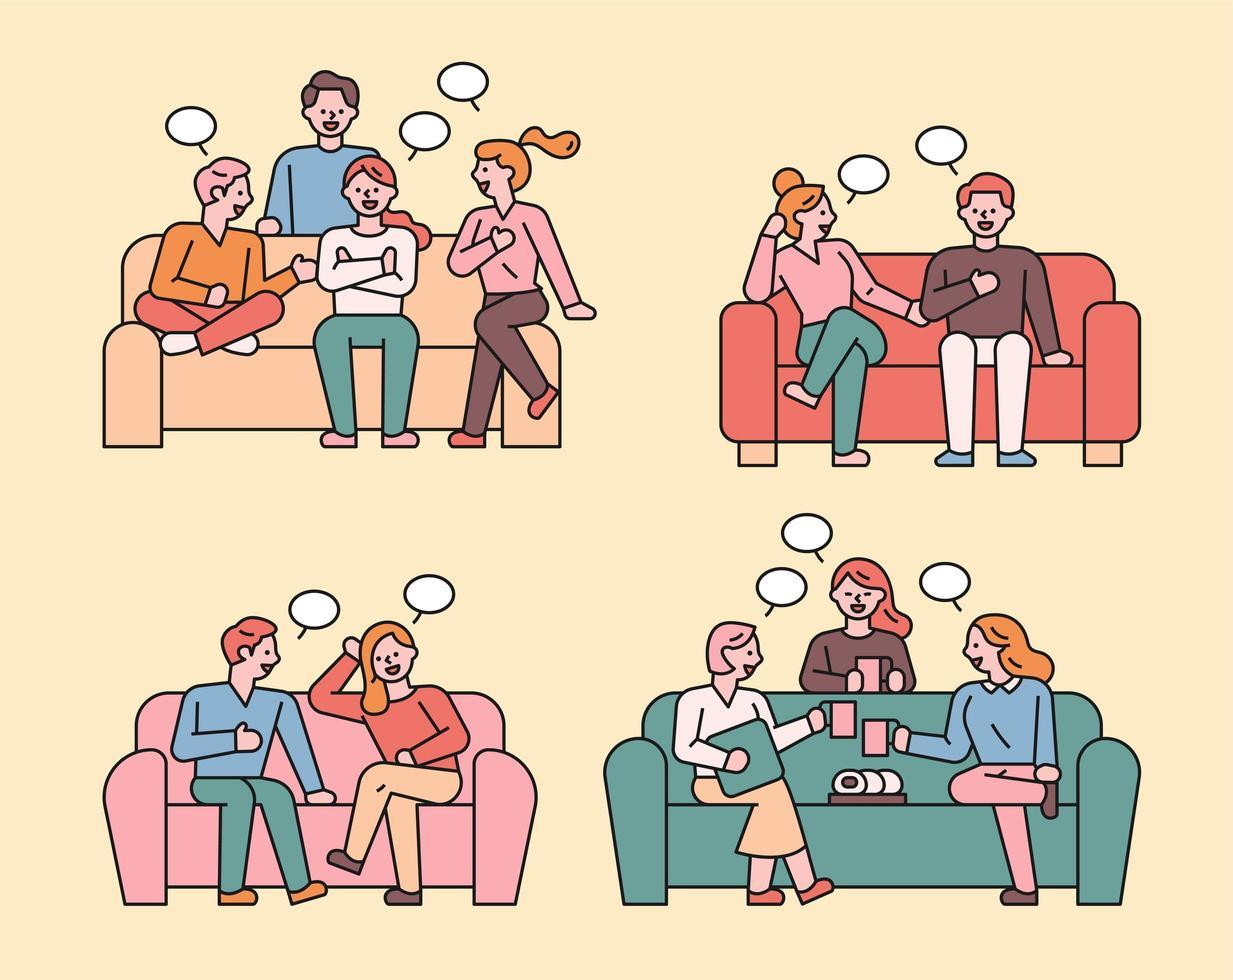 vänner sitter i soffan och pratar. vektor